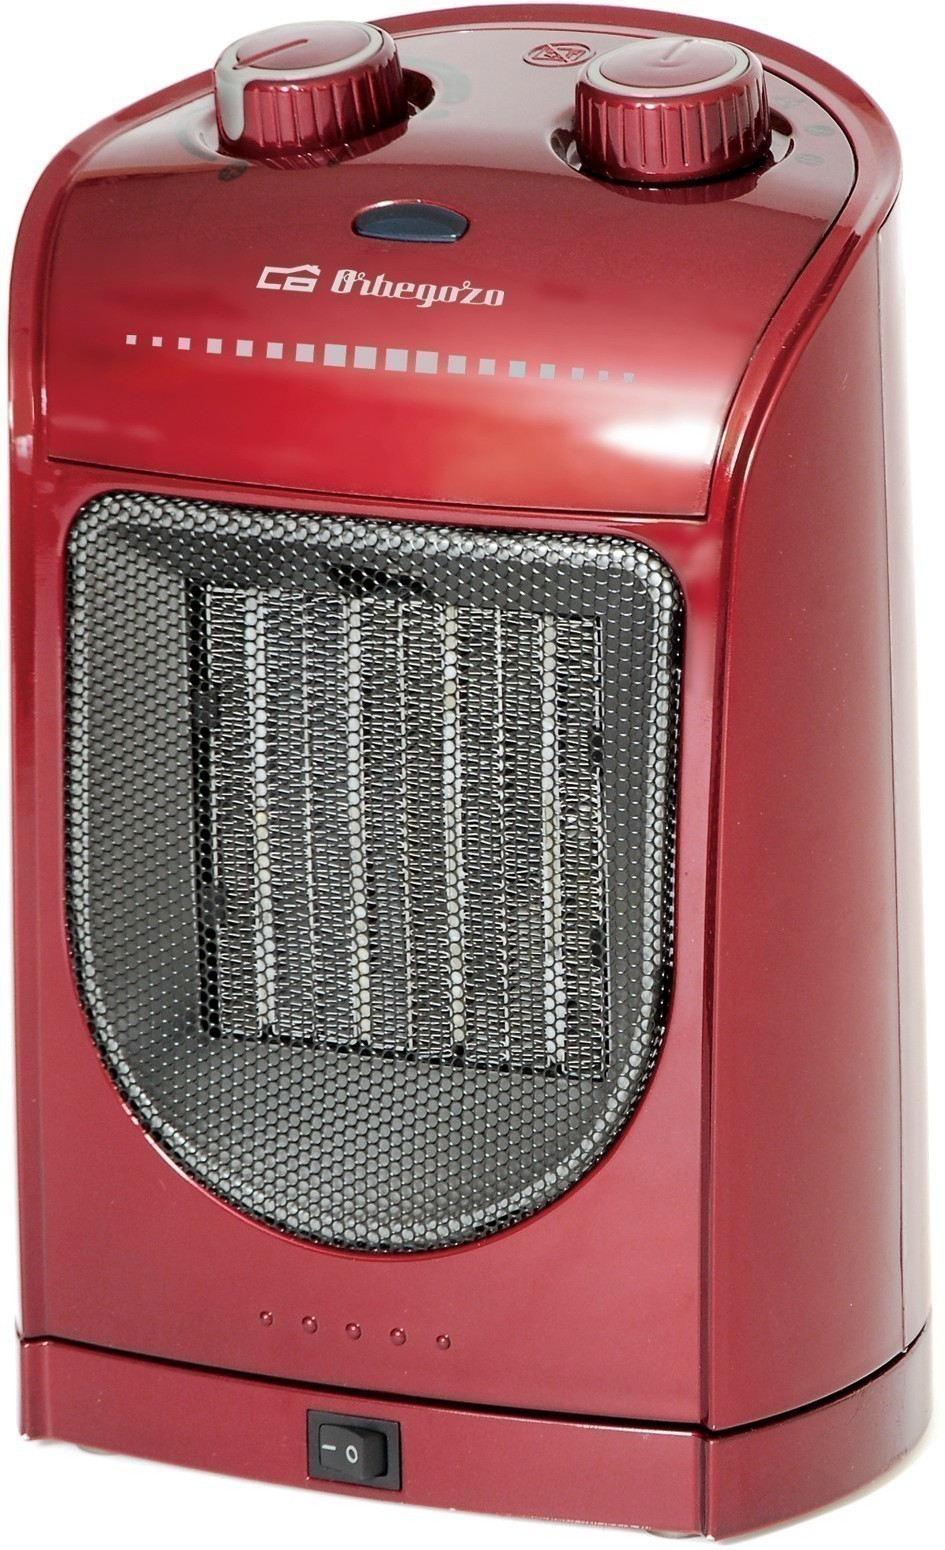 Calefactor Orbegozo CR5036 Ceramico Vert Burdeos